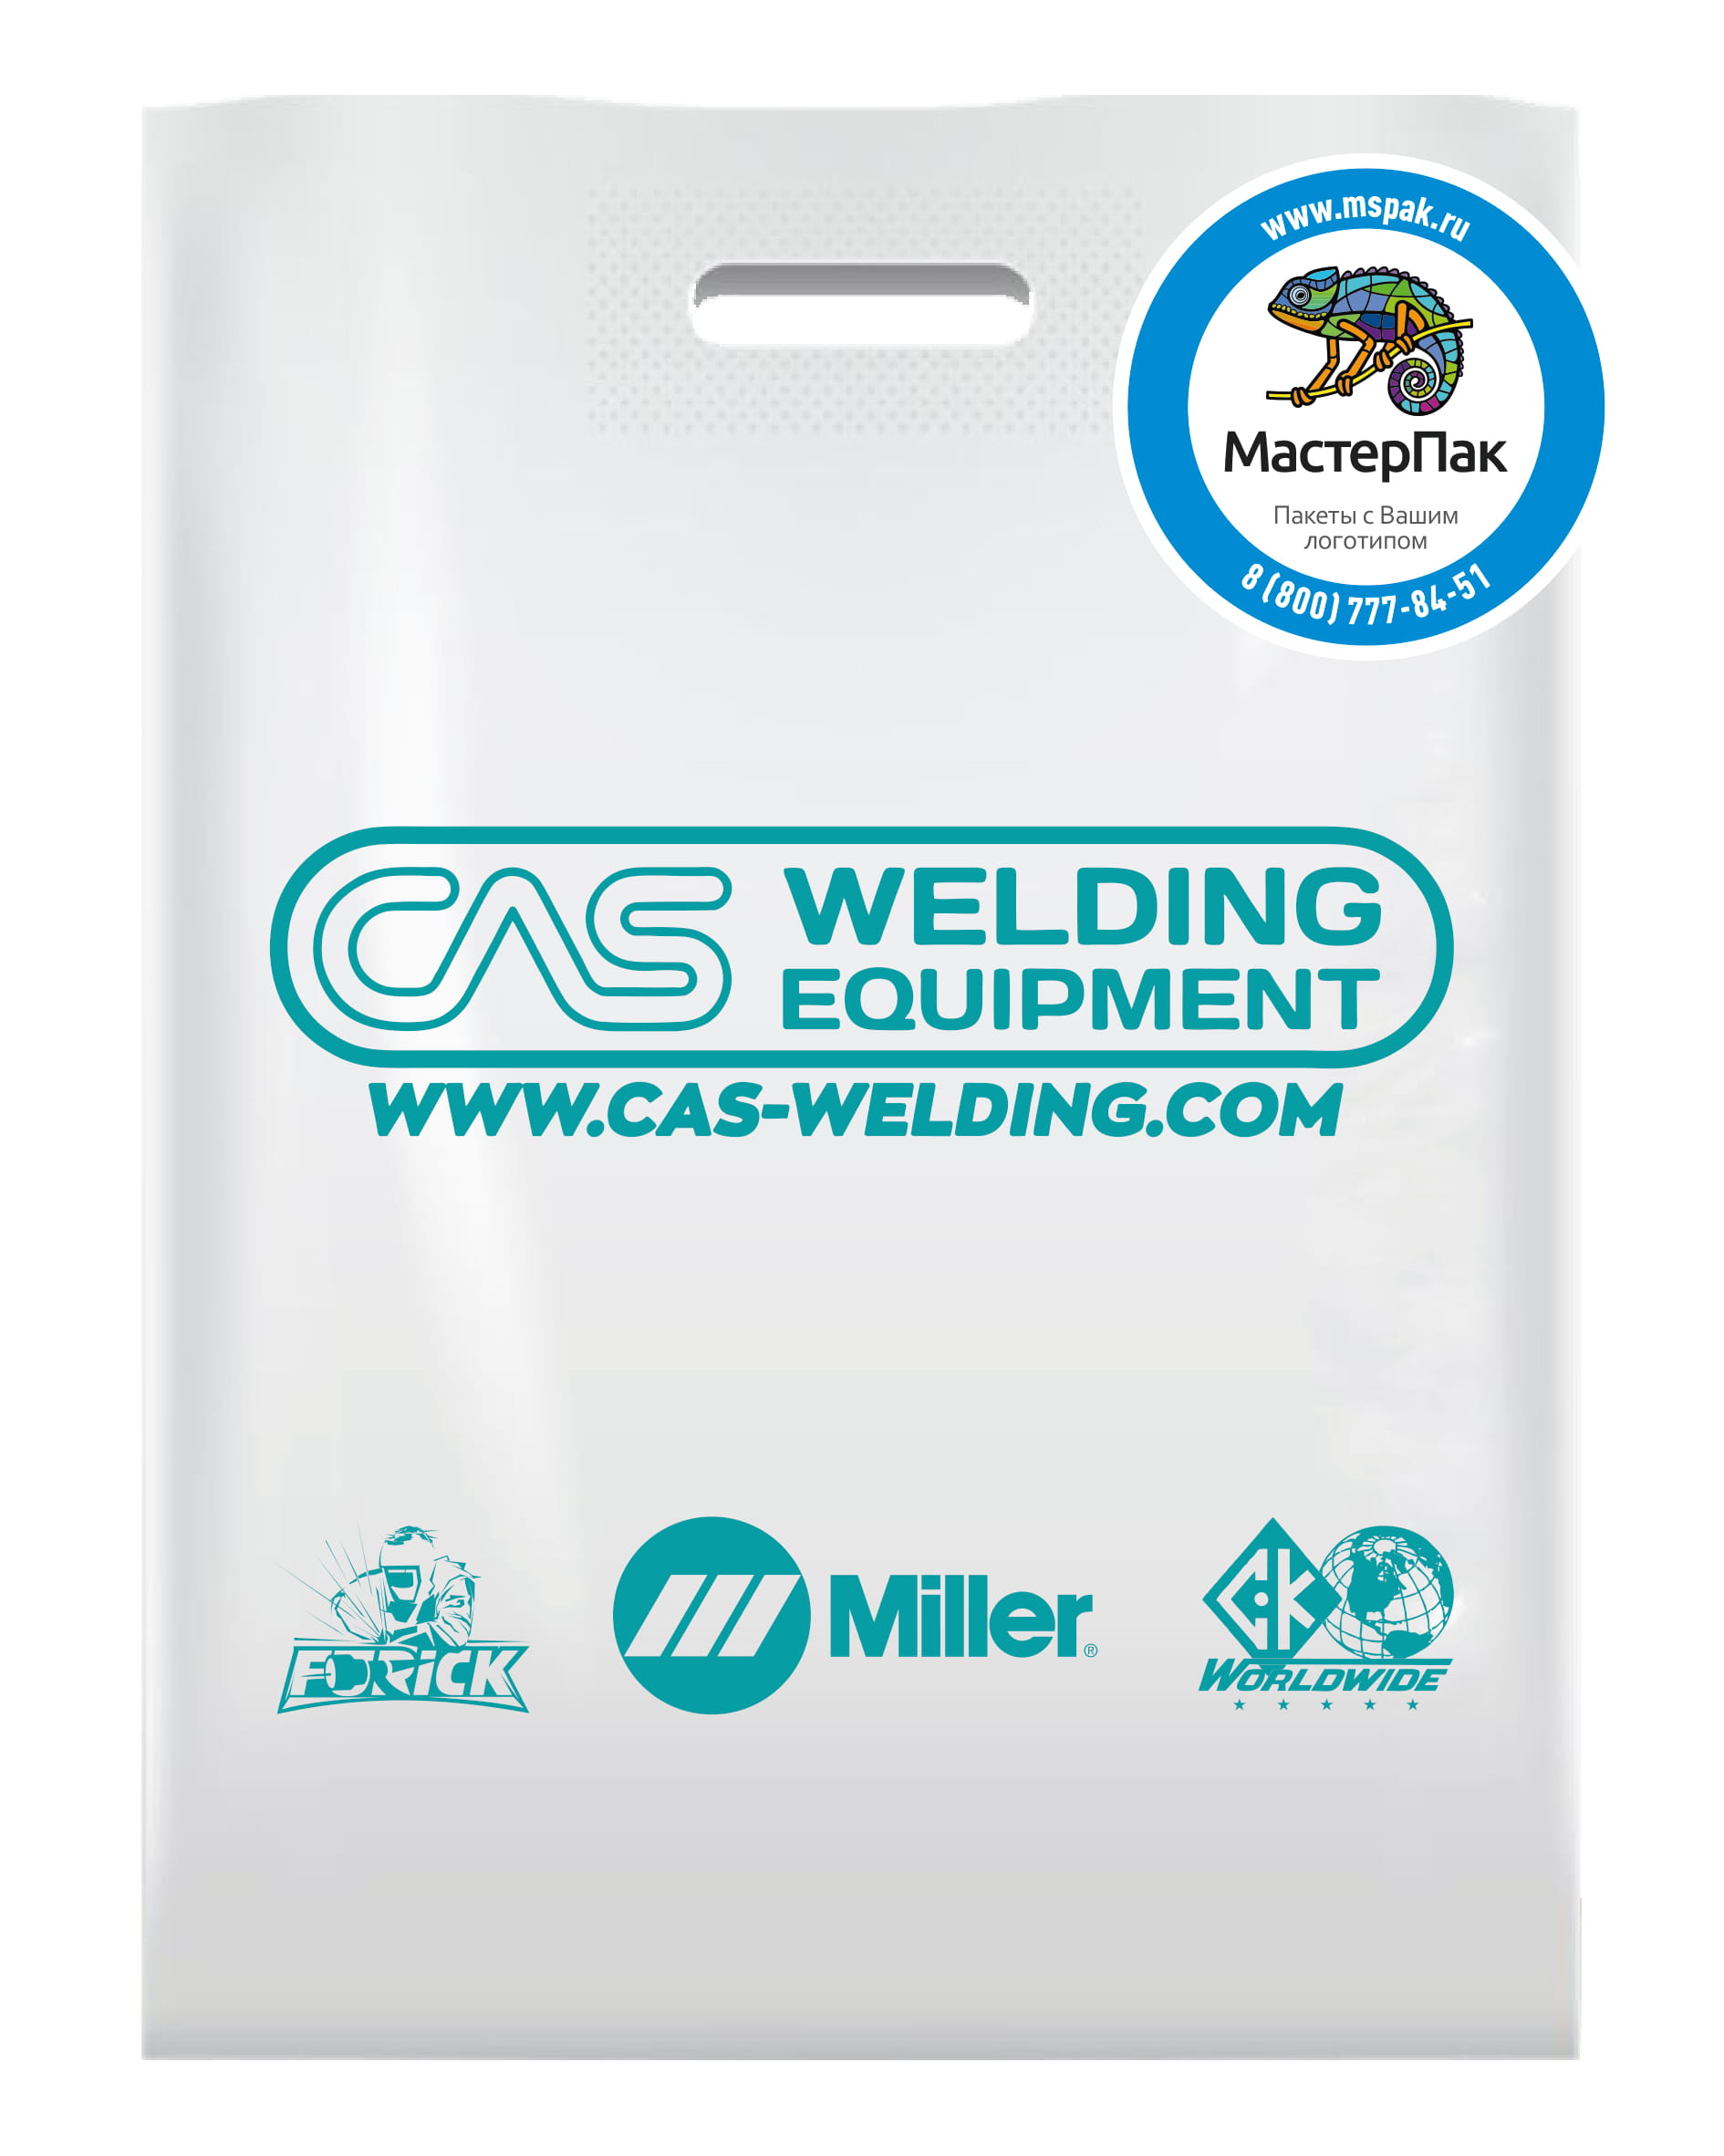 Пакет ПВД с вырубной ручкой и логотипом CAS, Спб (шелкография)